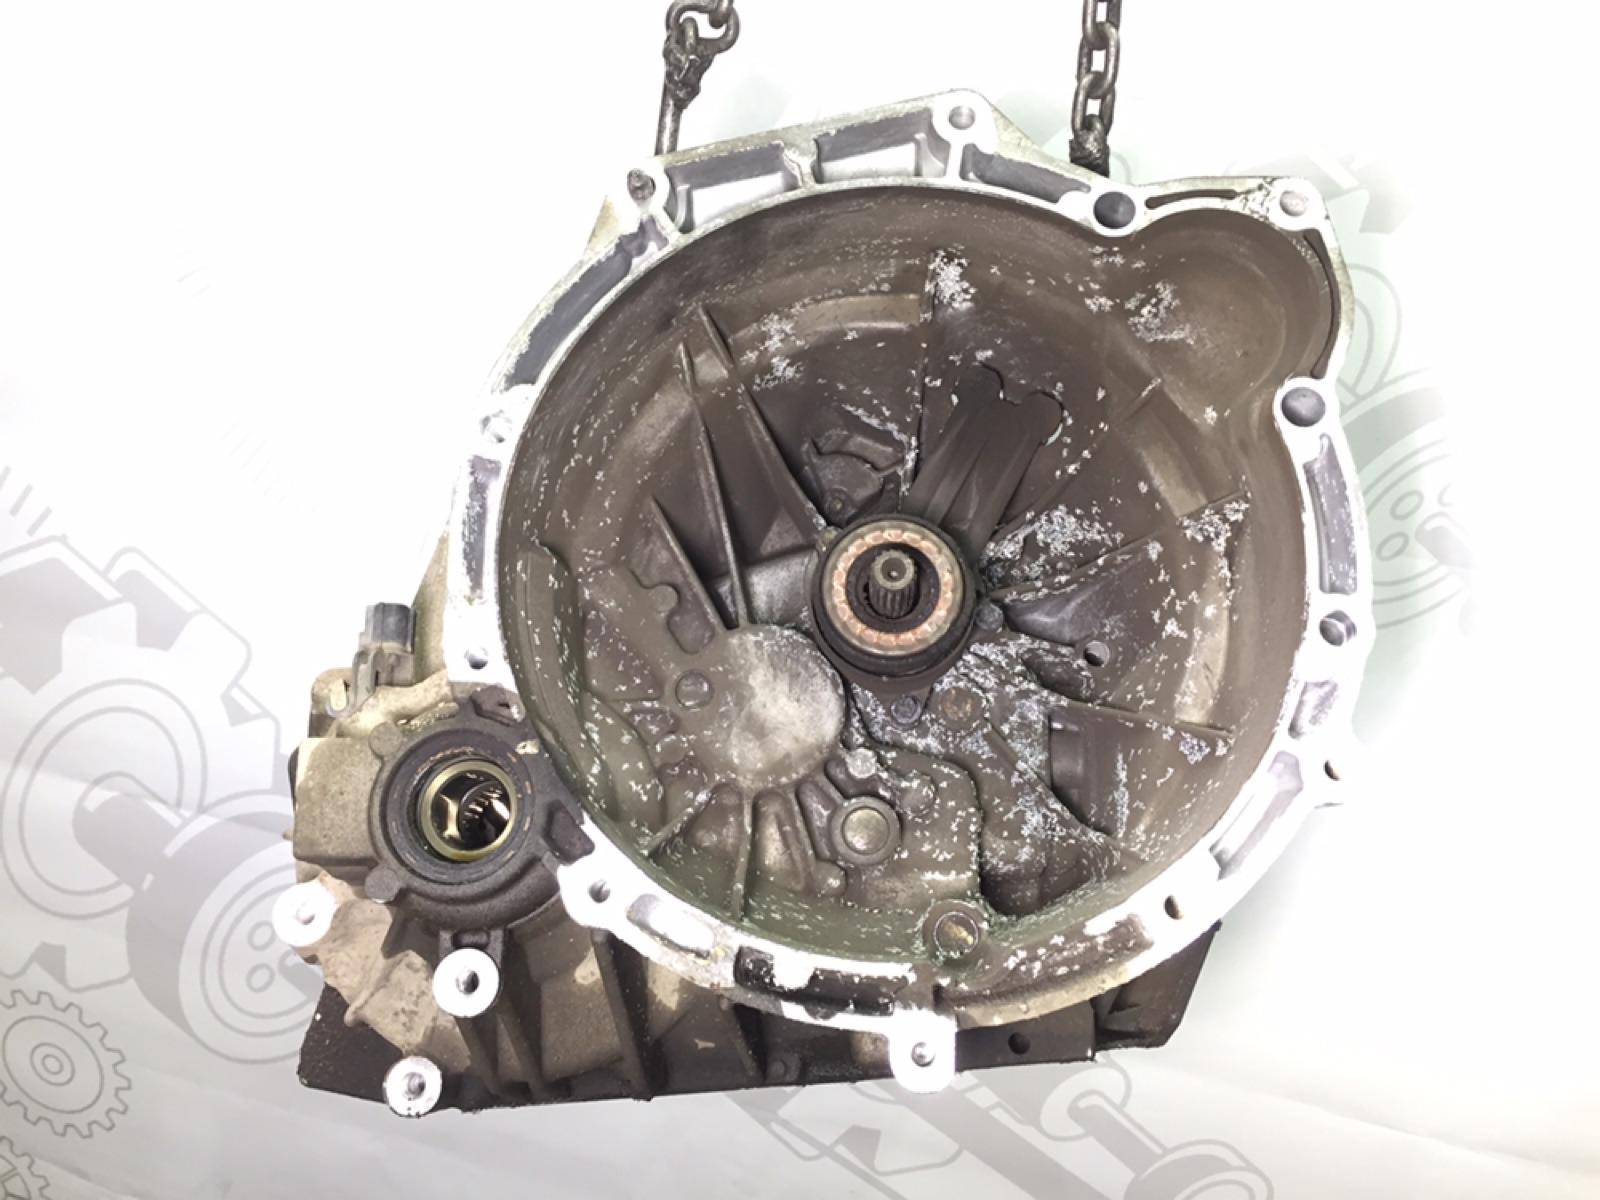 Кпп механическая (мкпп) Ford Focus 1.6 I 2002 (б/у)